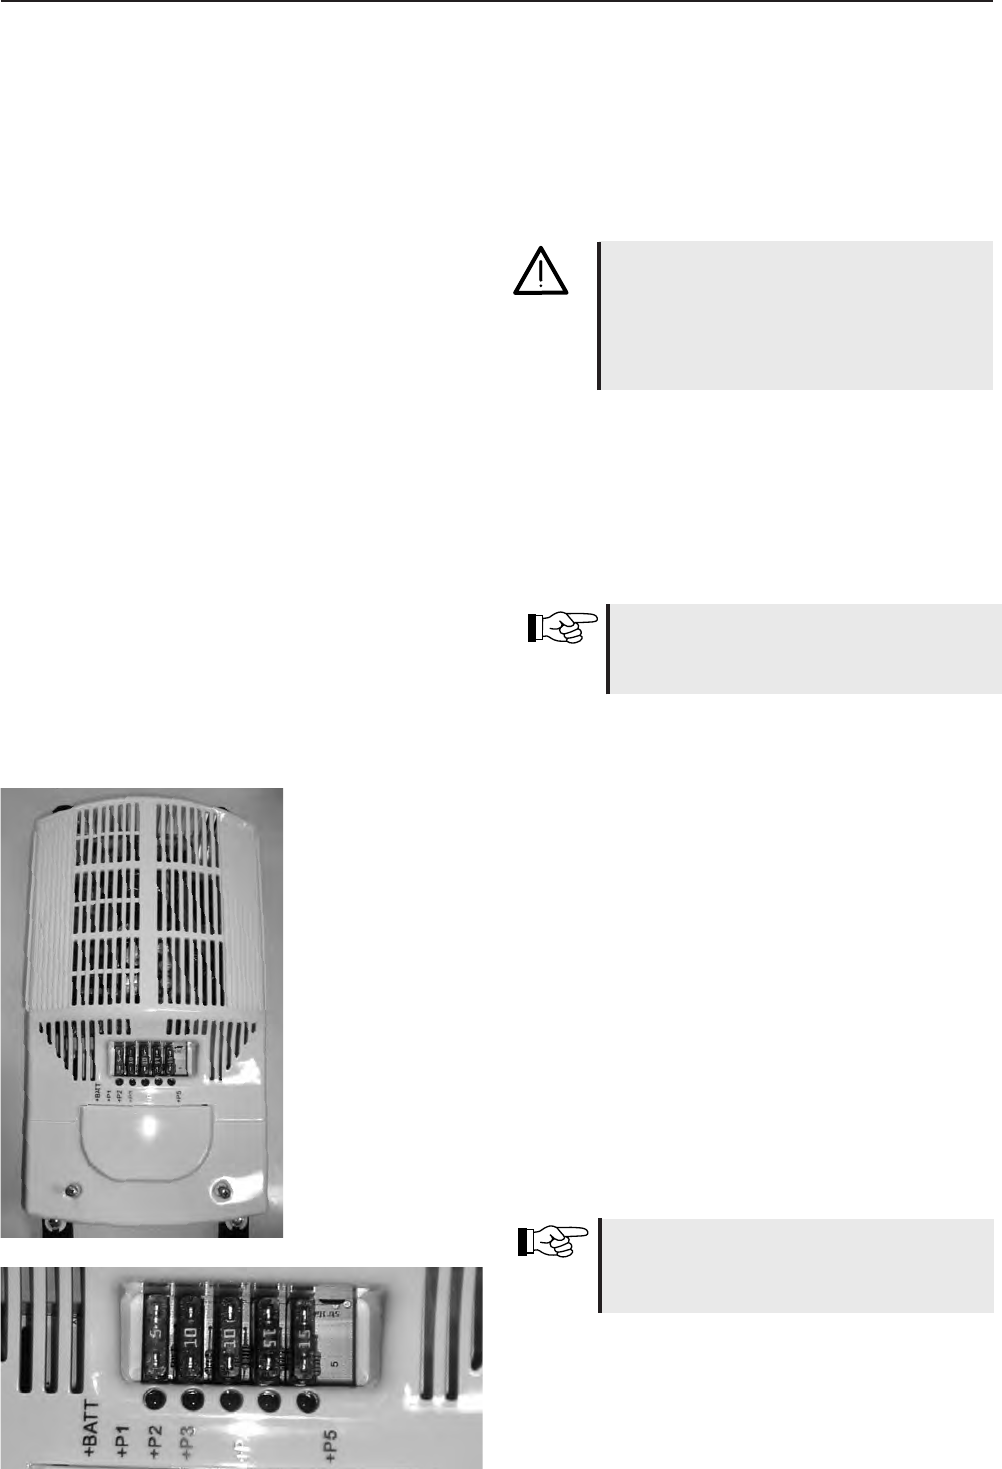 7 Polige Stekker Ombouwen Naar 13 Polig Schema.Handleiding Fendt Saphir Pagina 66 Van 118 Nederlands